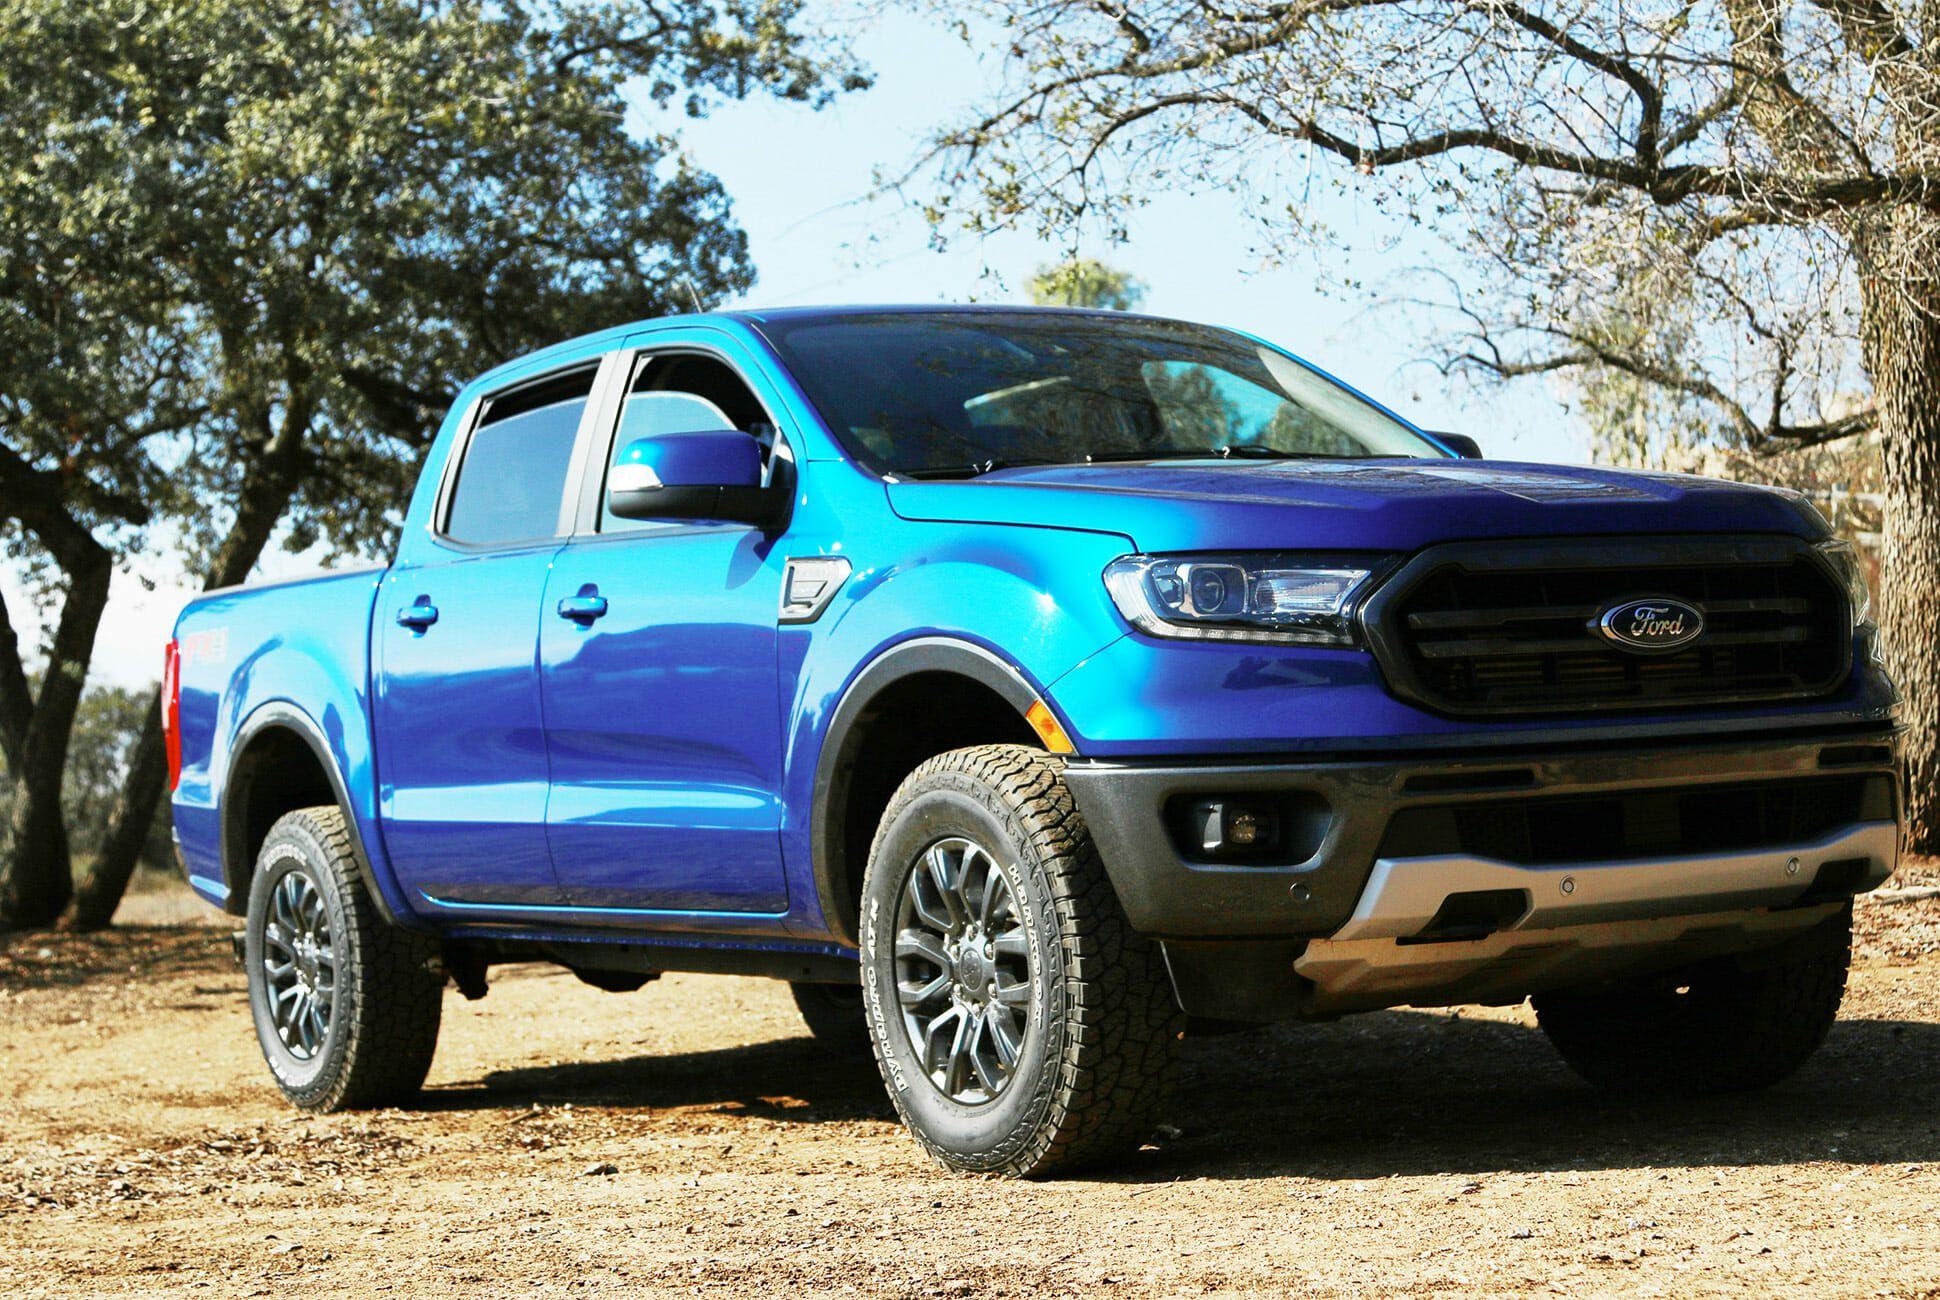 Ford-Ranger-Review-Gear-Patrol-slide-1